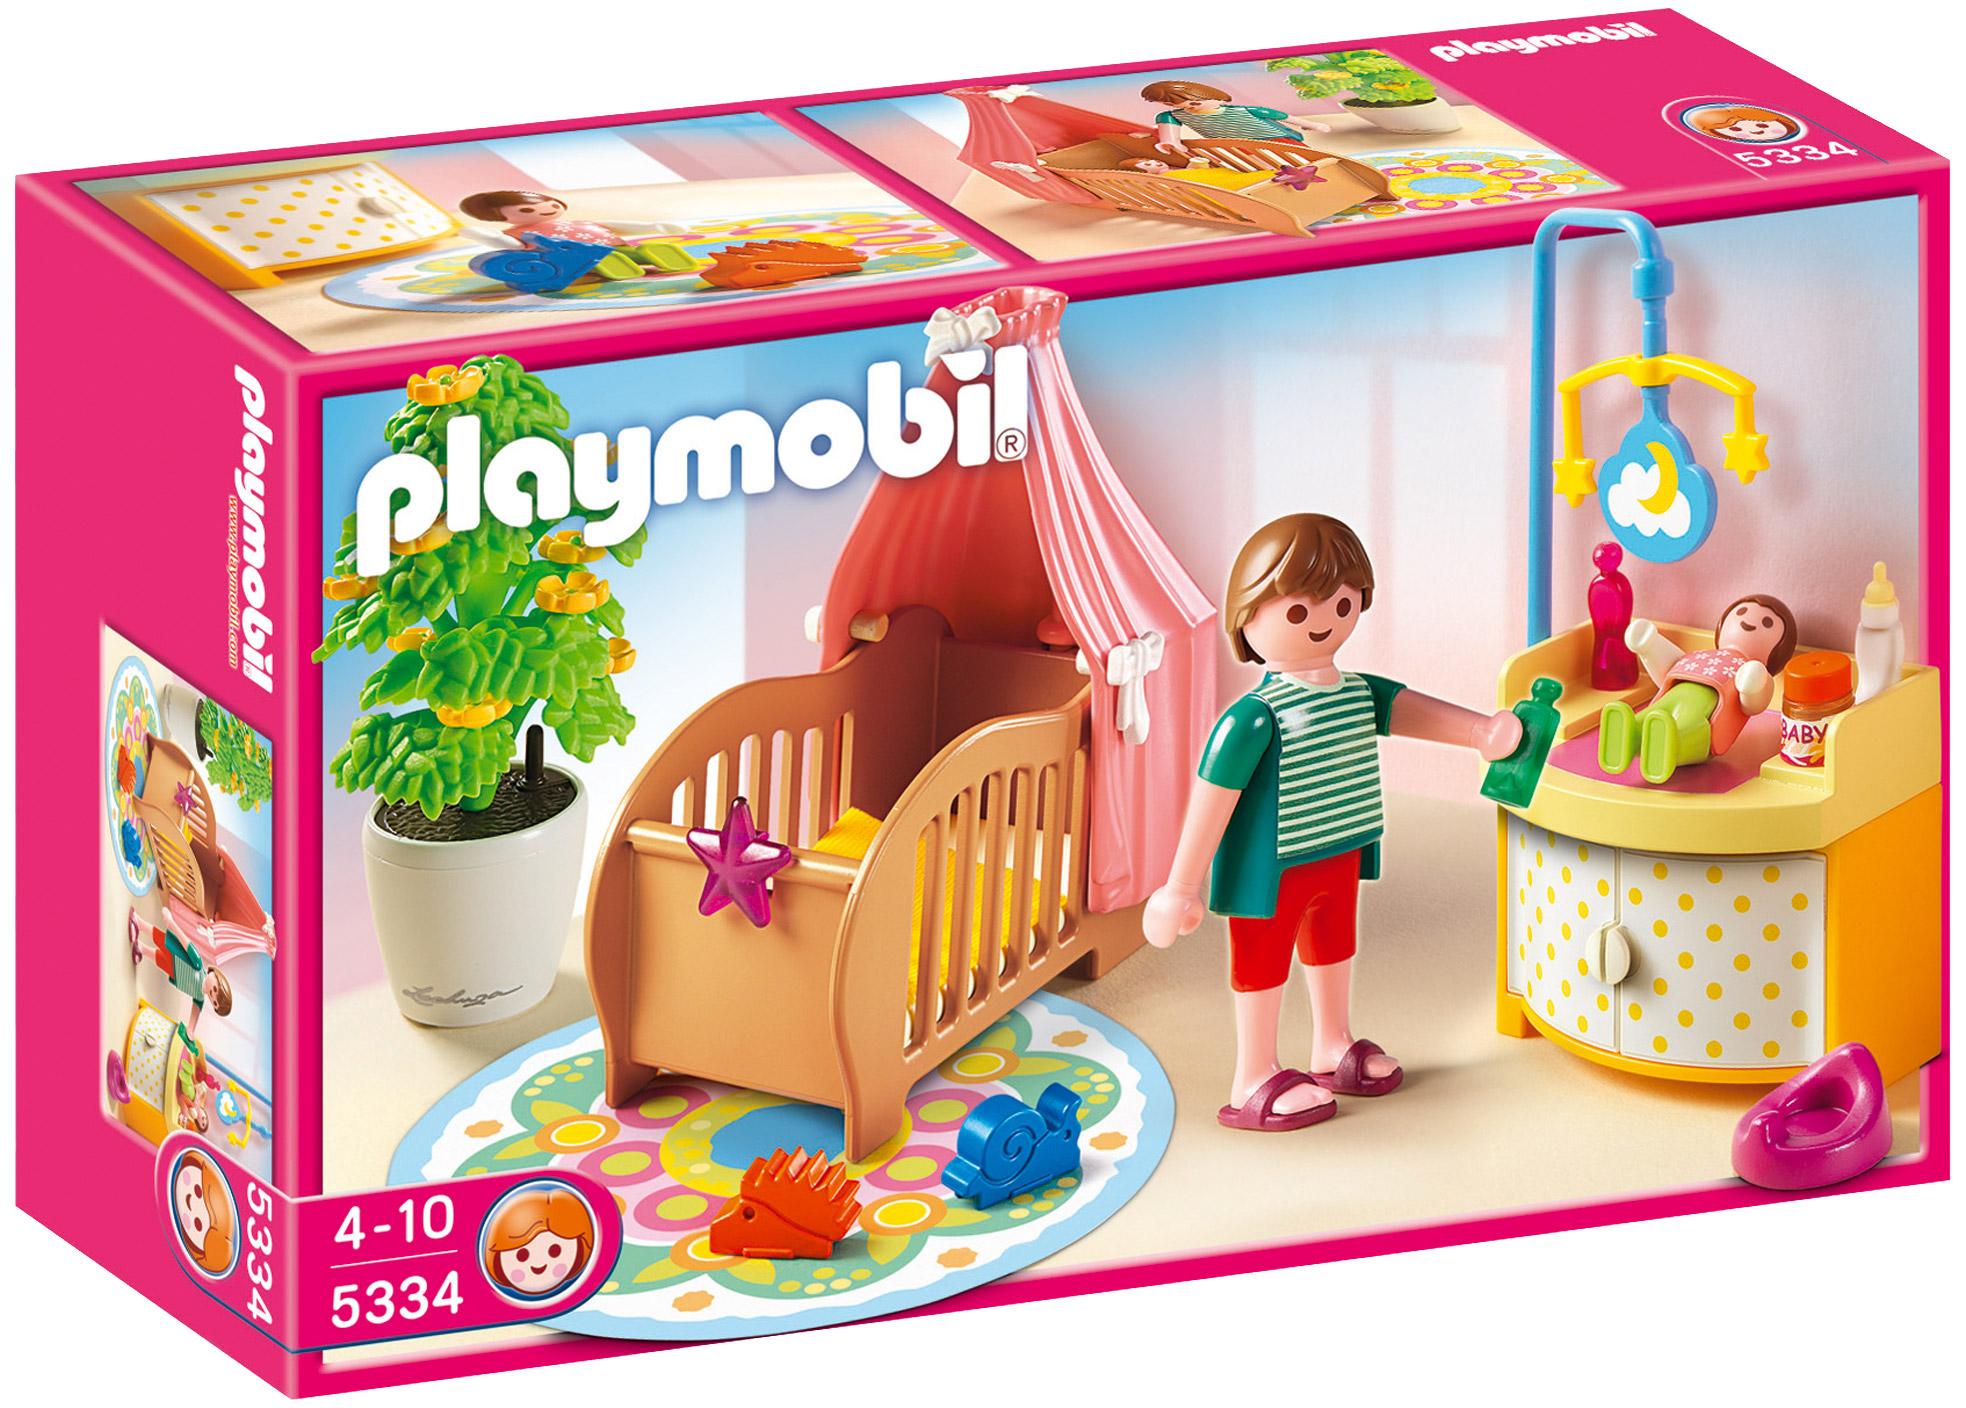 PLAYMOBIL Dollhouse 5333 pas cher - Chambre des enfants avec lits ...